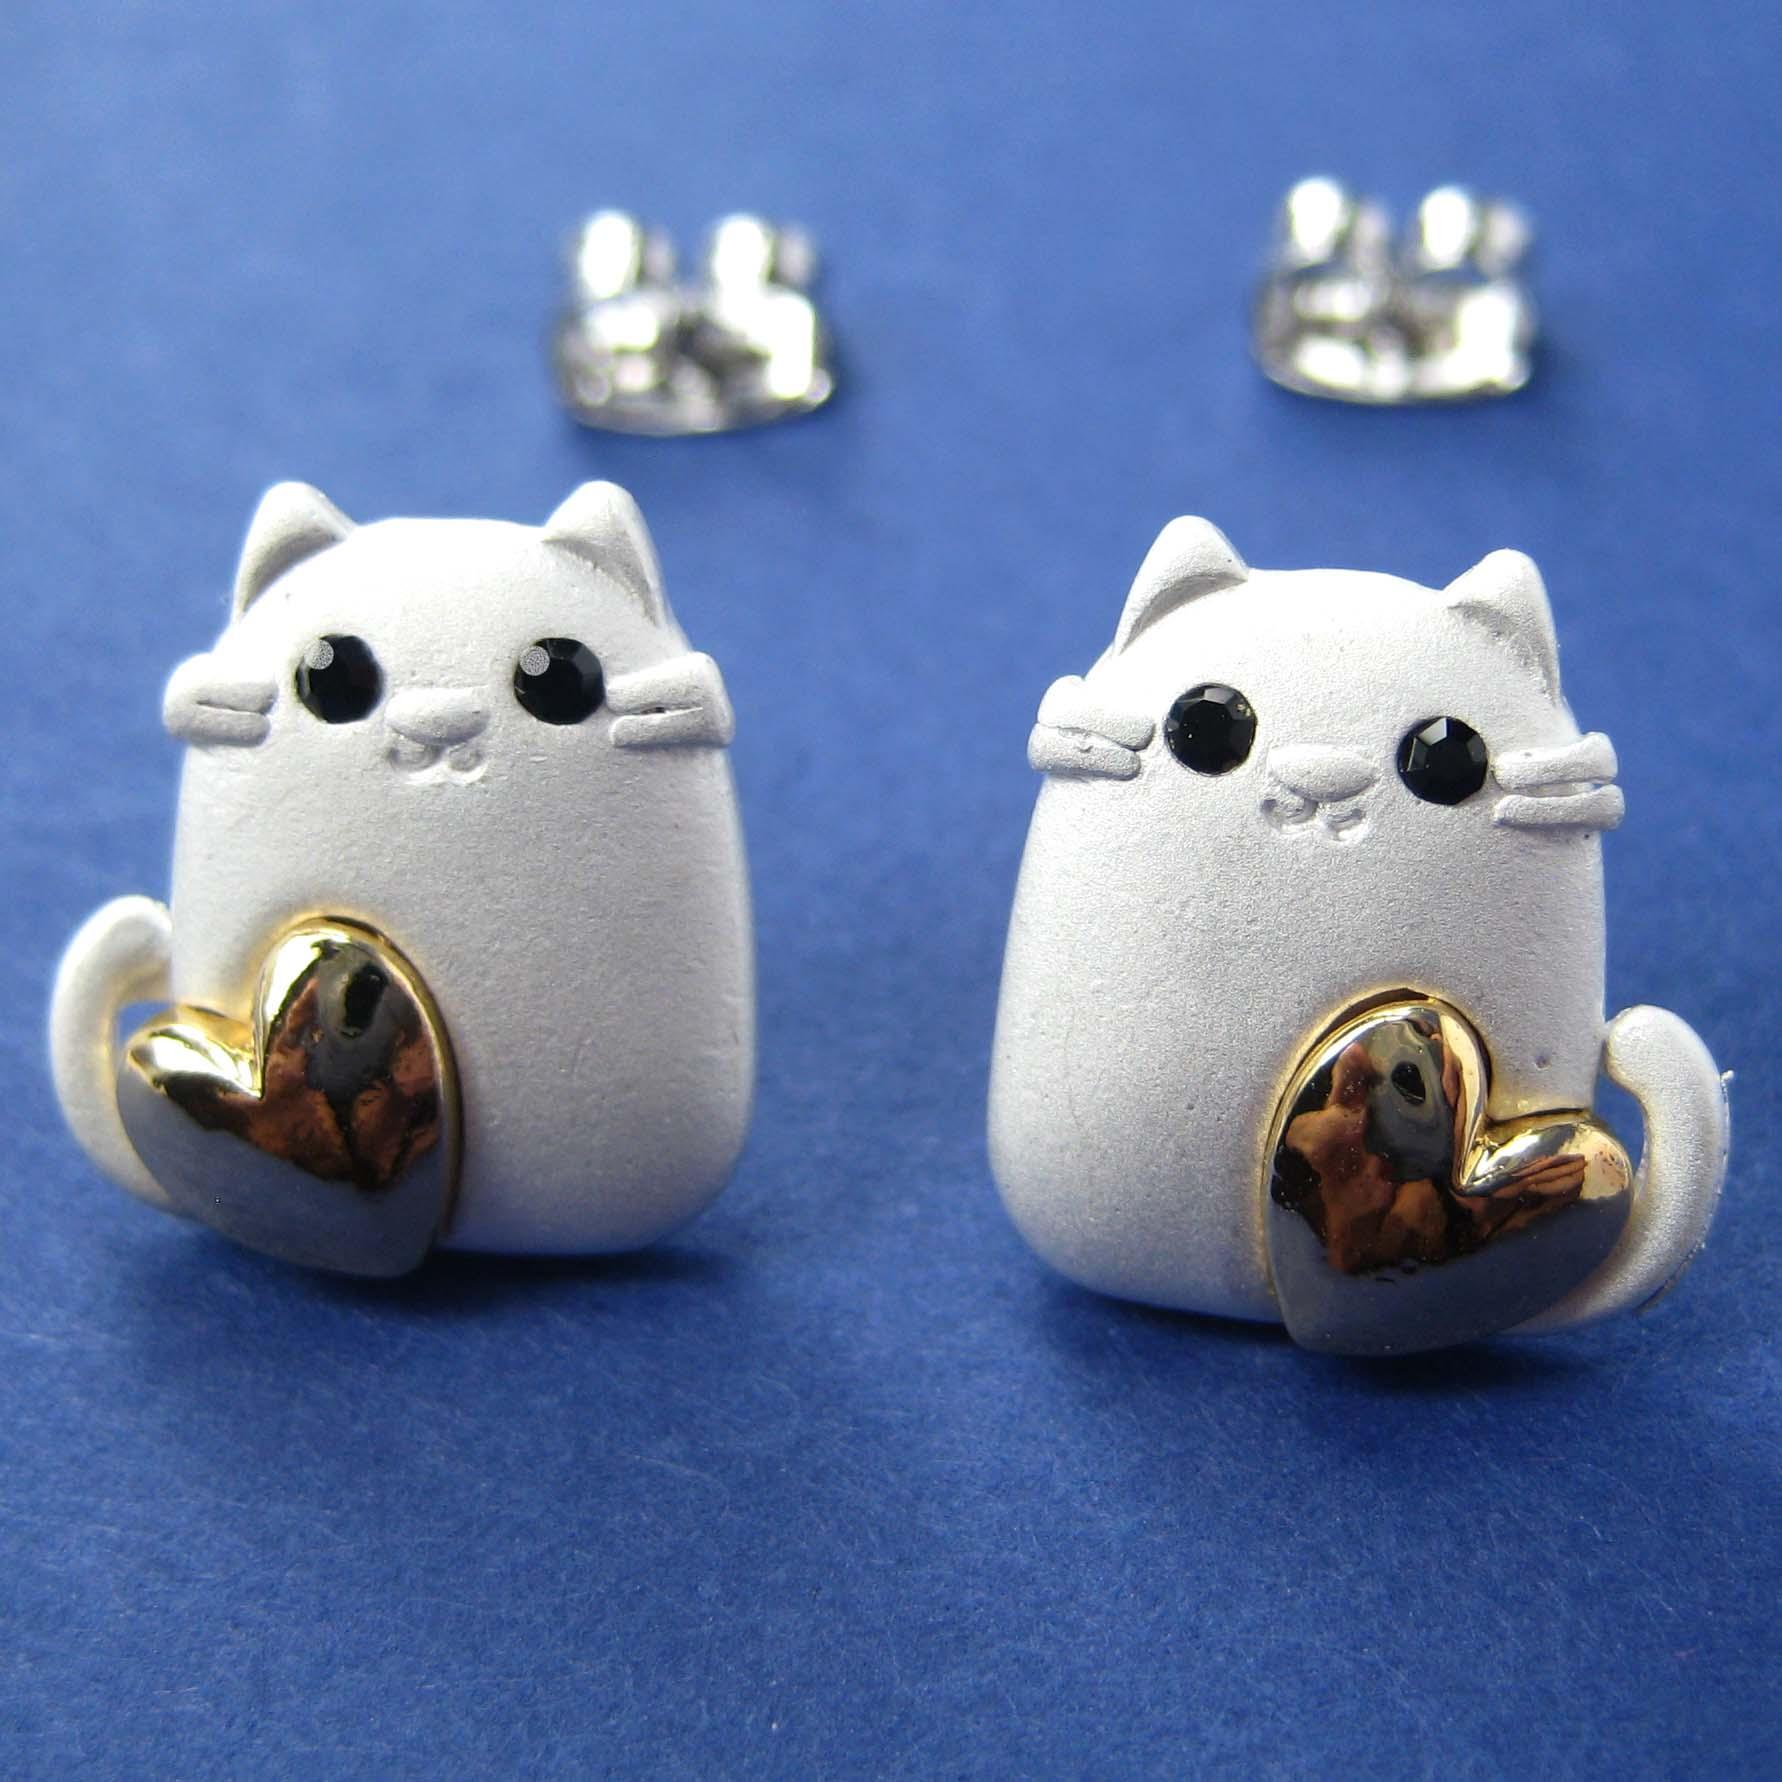 Anime Kitty Ears Kitty Cat Animal Earrings in